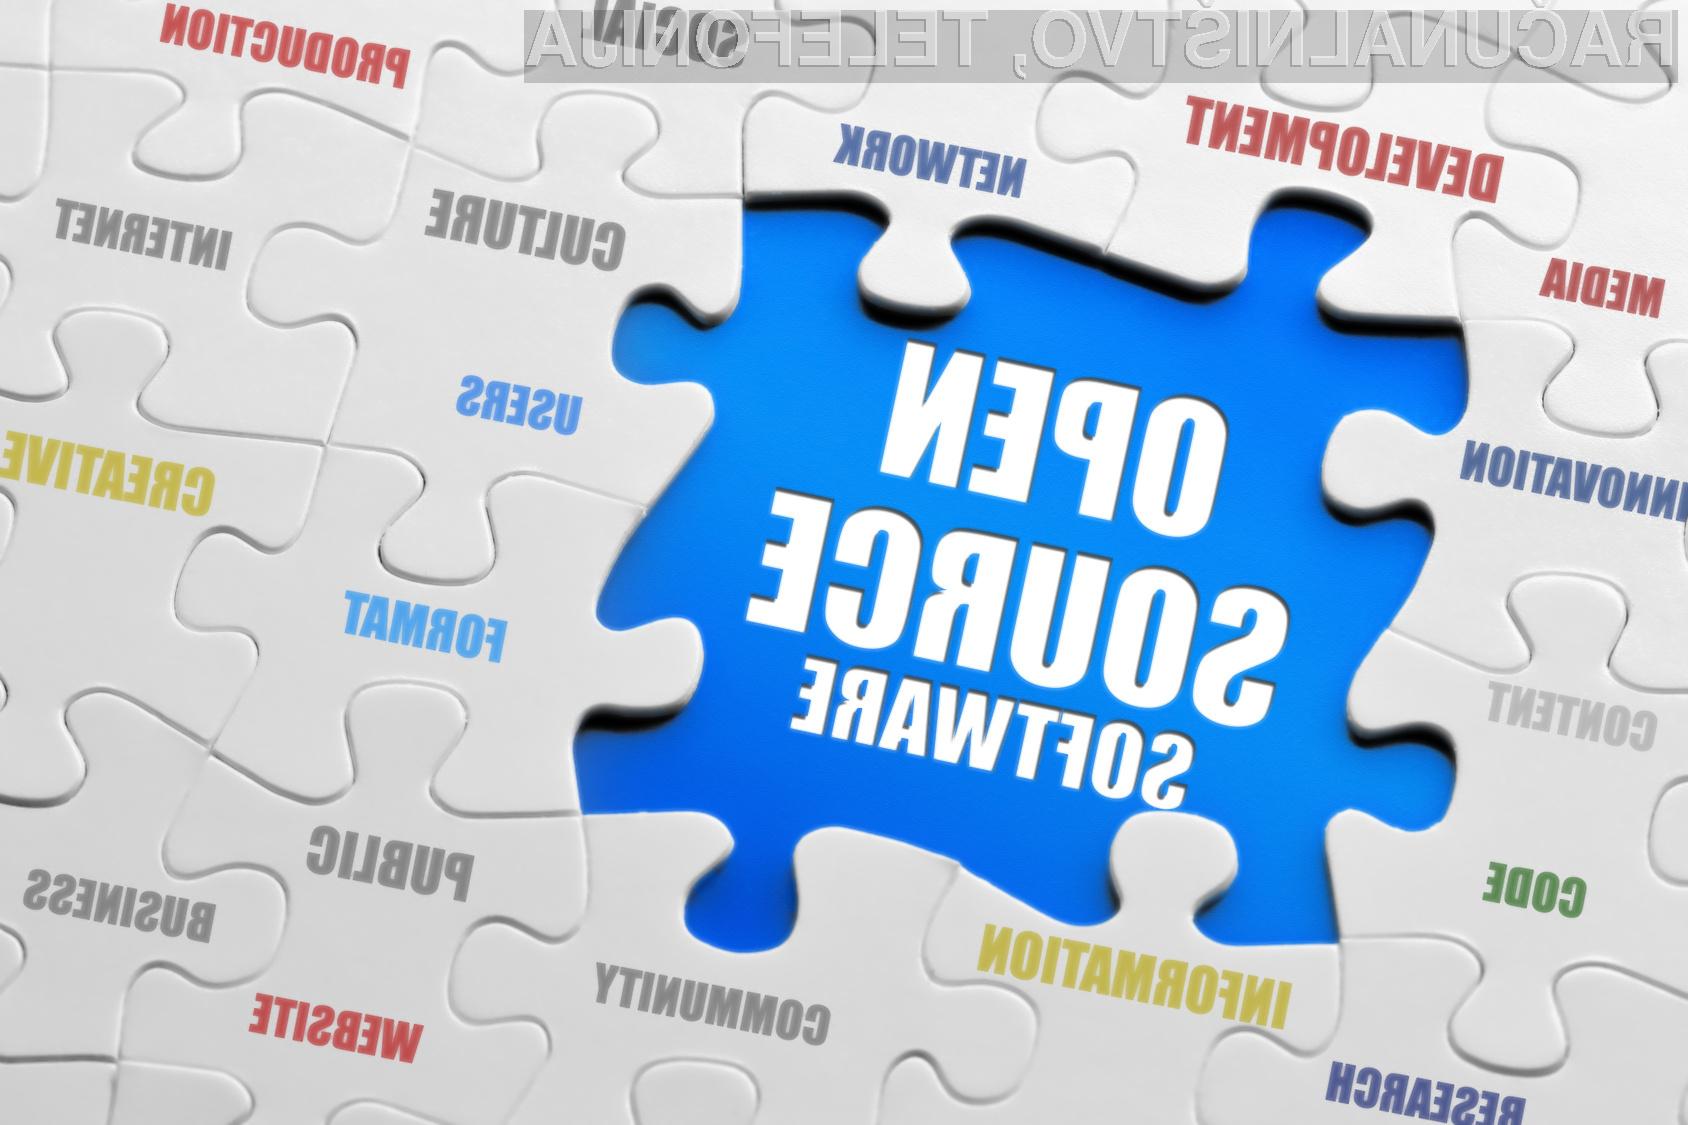 Odprta koda državnim ustanovam prinaša številne uporabne in finančne prednosti.